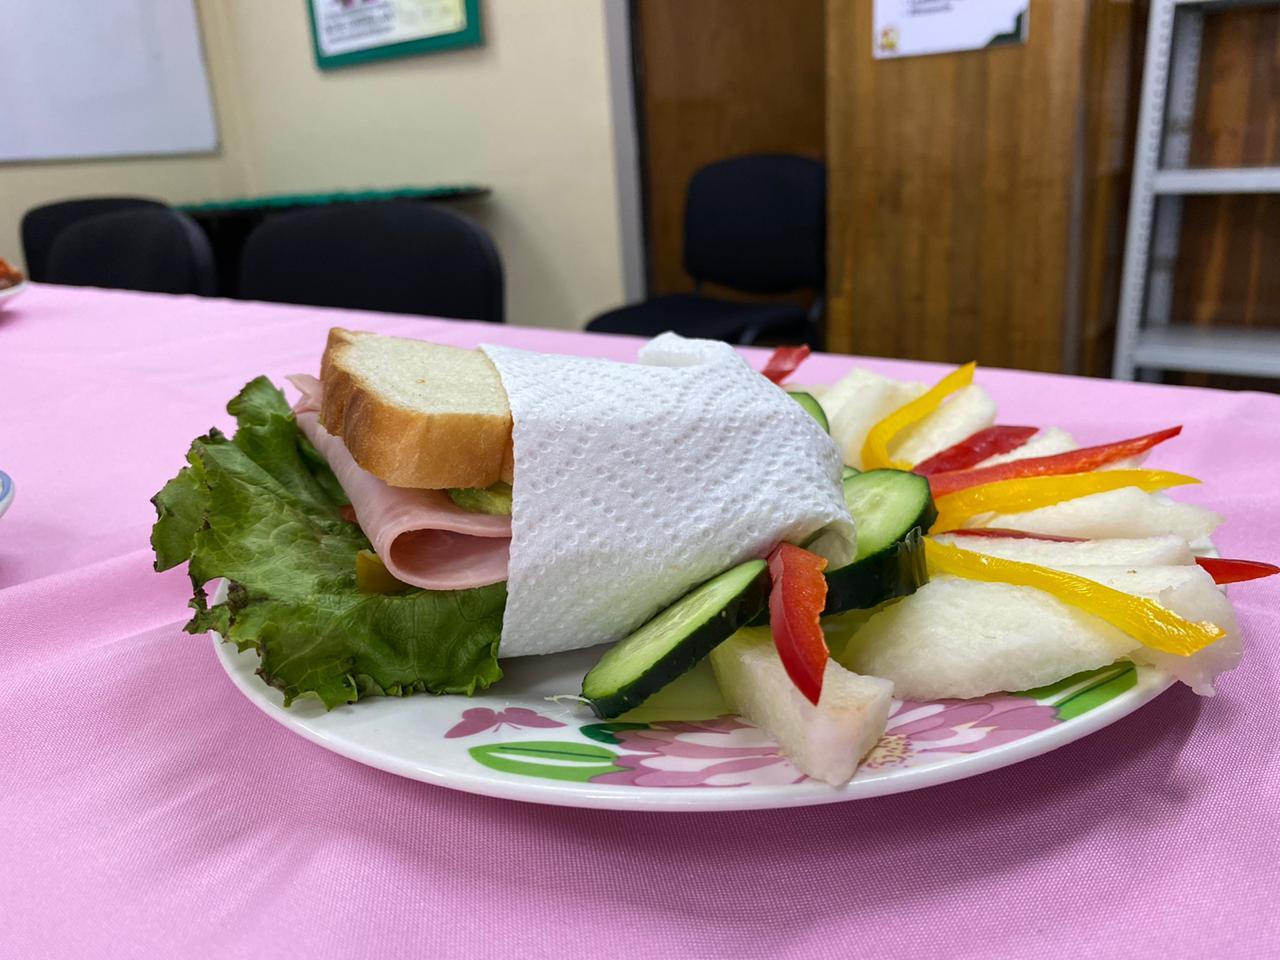 Para tener un peso ideal se requieren tres comidas al día: IMSS